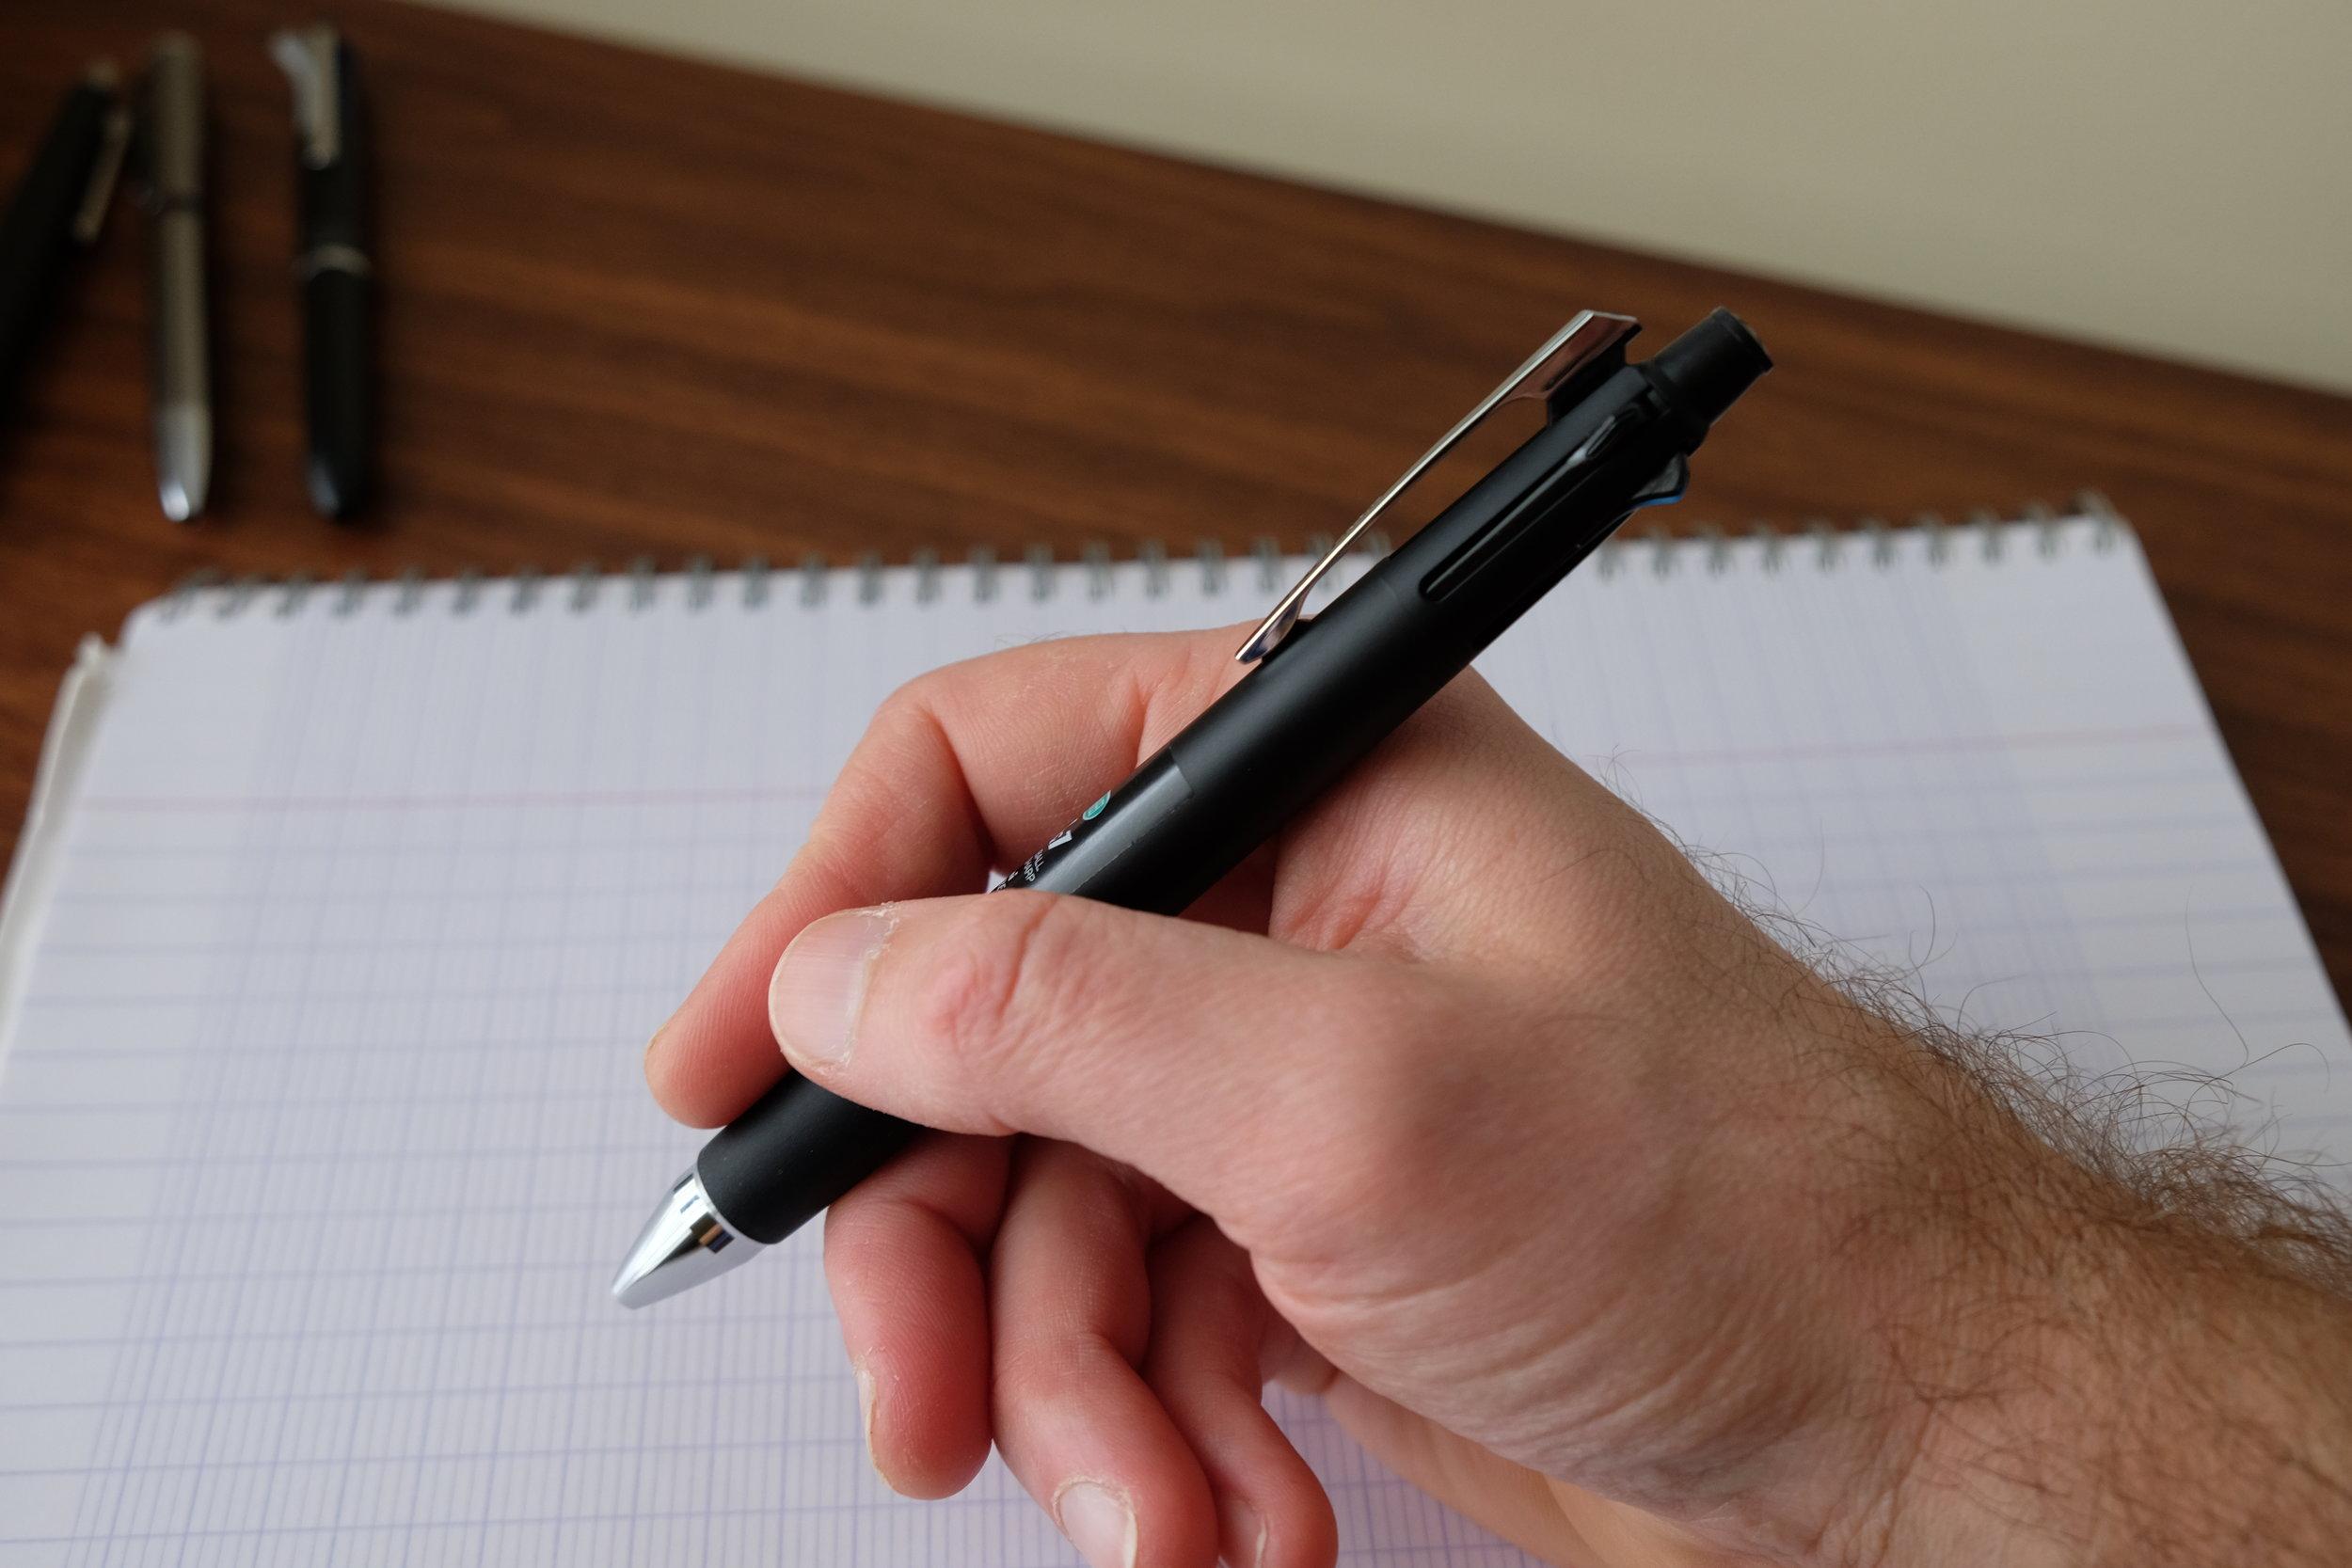 Jetstream Multi Pen in Hand